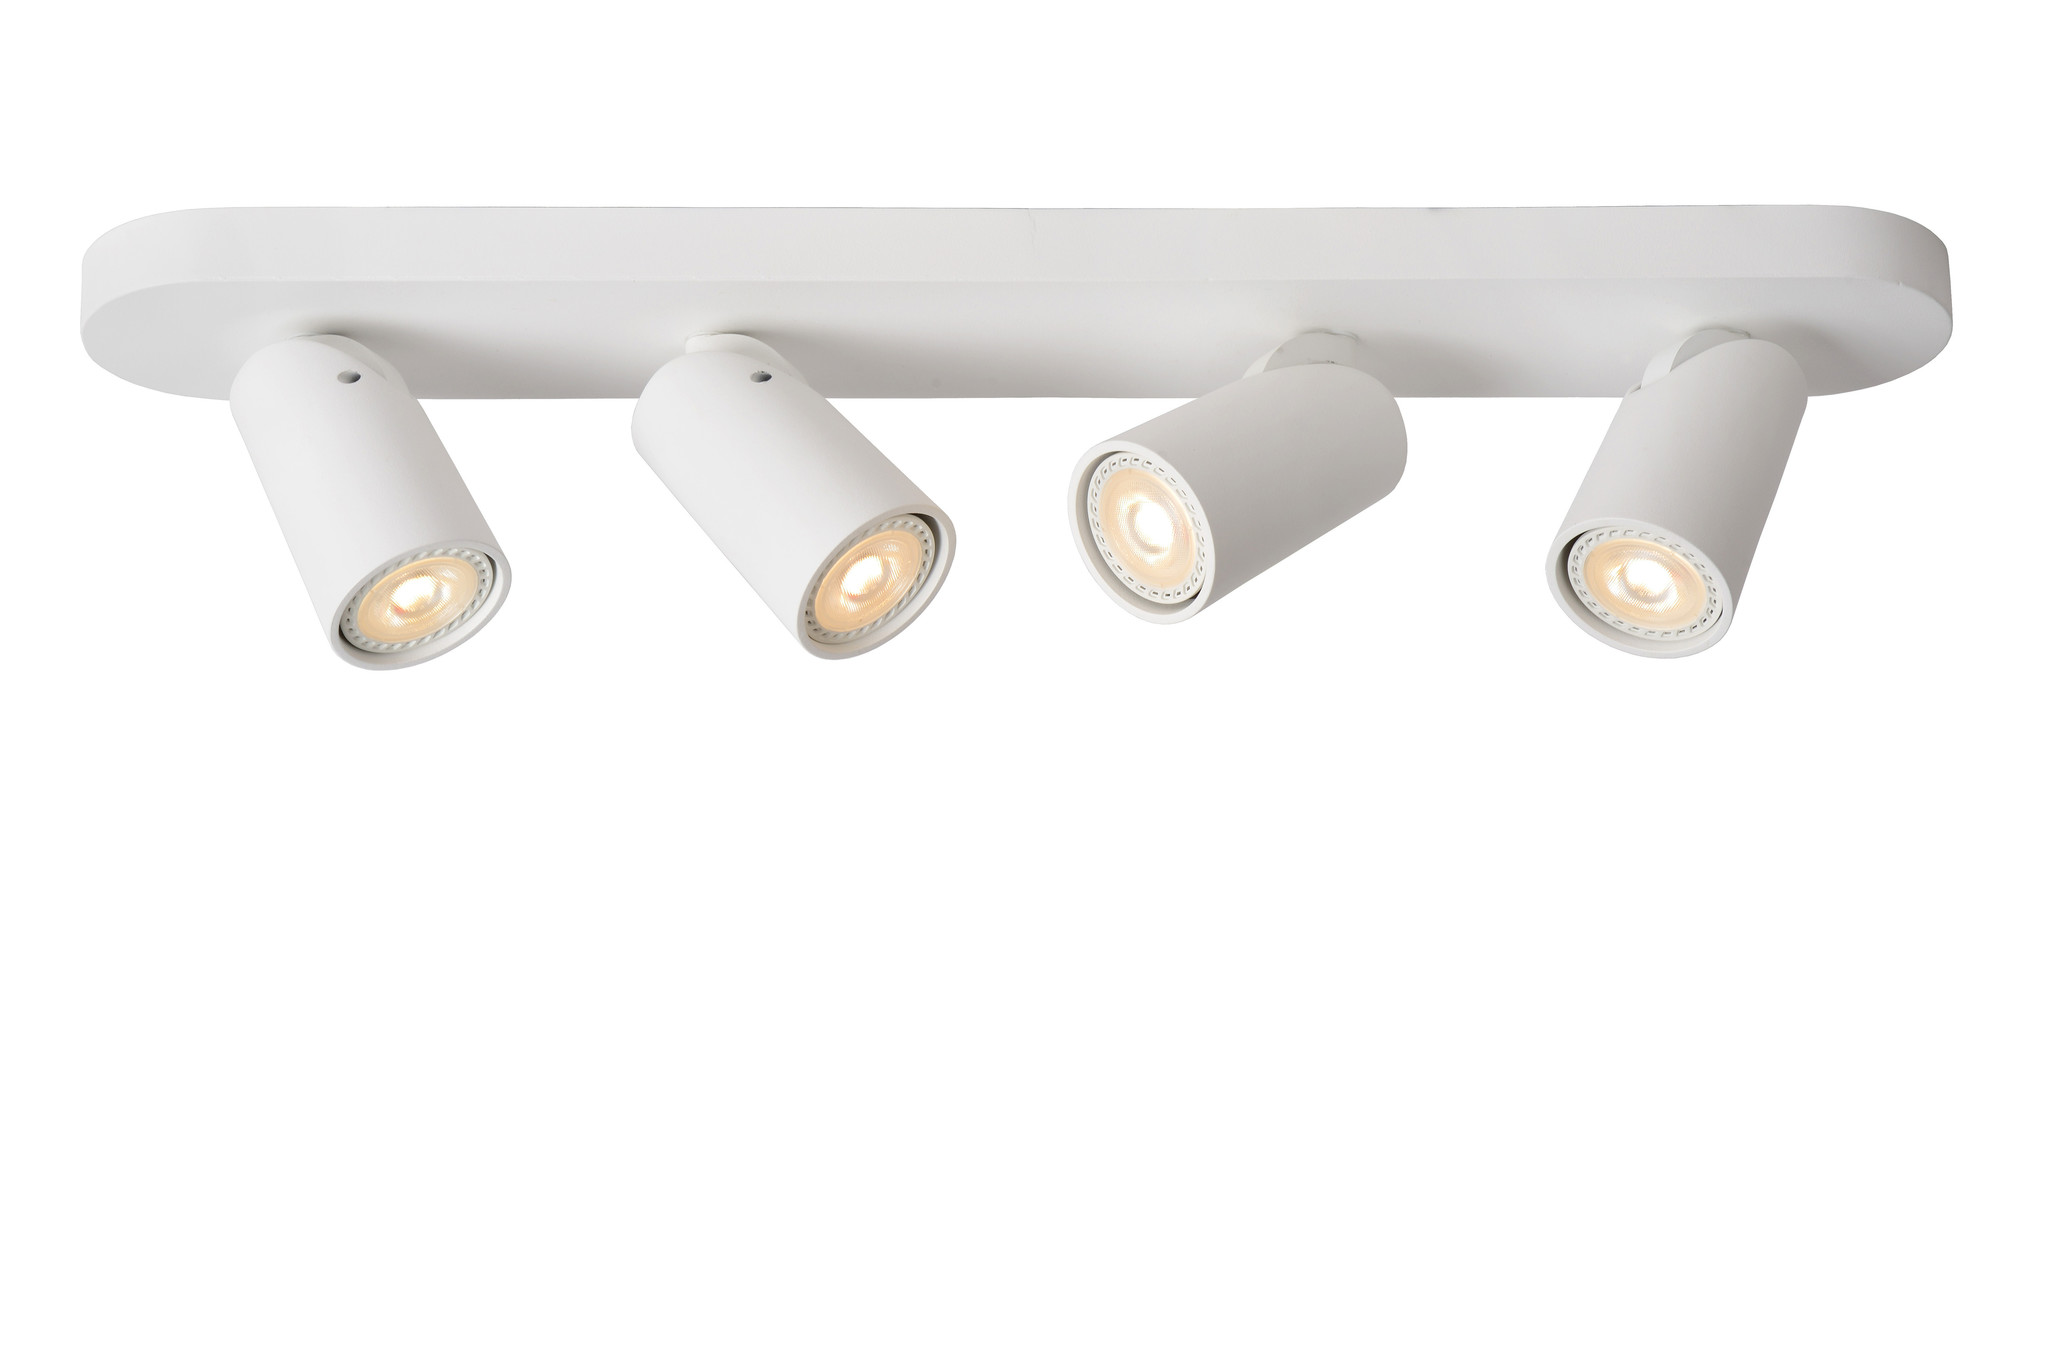 Lucide XYRUS Plafondspot-Wit-LED DTW-4xGU10-5W